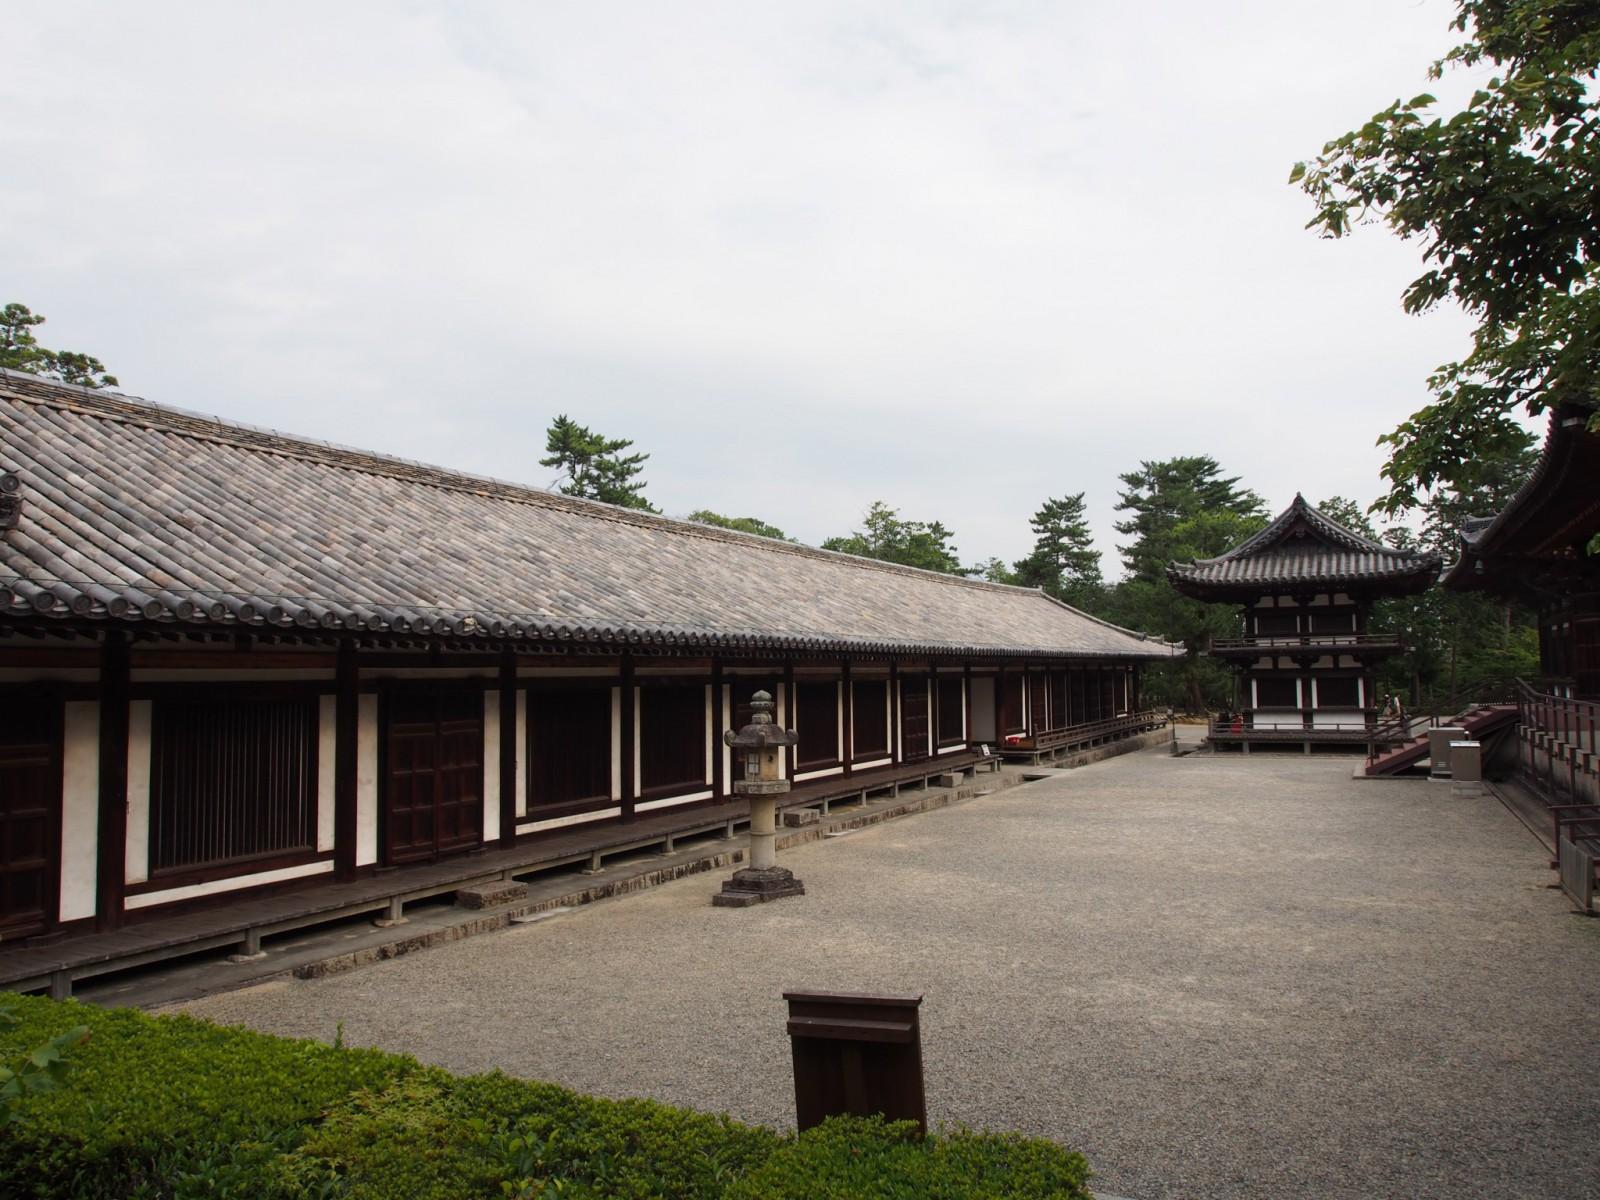 長く伸びる建築が特徴的な「礼堂」(唐招提寺)